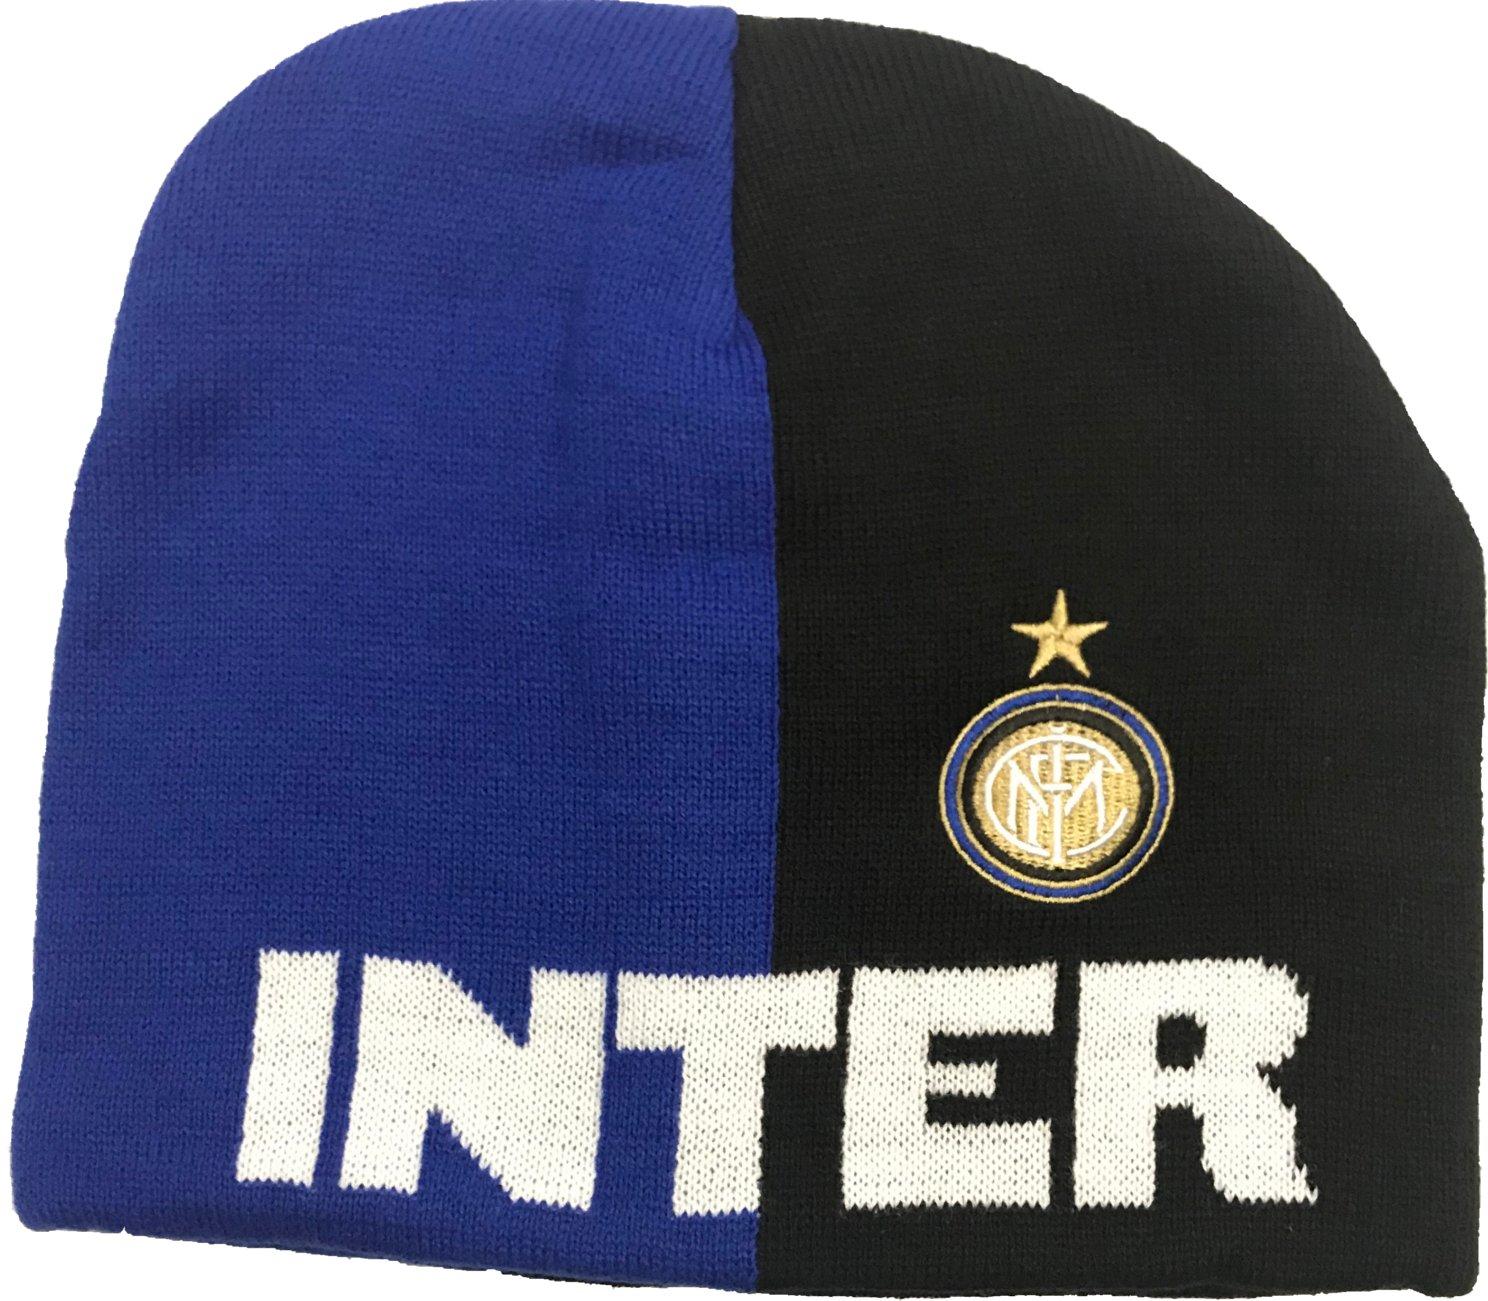 3r sport srl Bonnet Inter F.C. noir bleu inscription blanche 100 %  acrylique produit officiel 20dc491168a